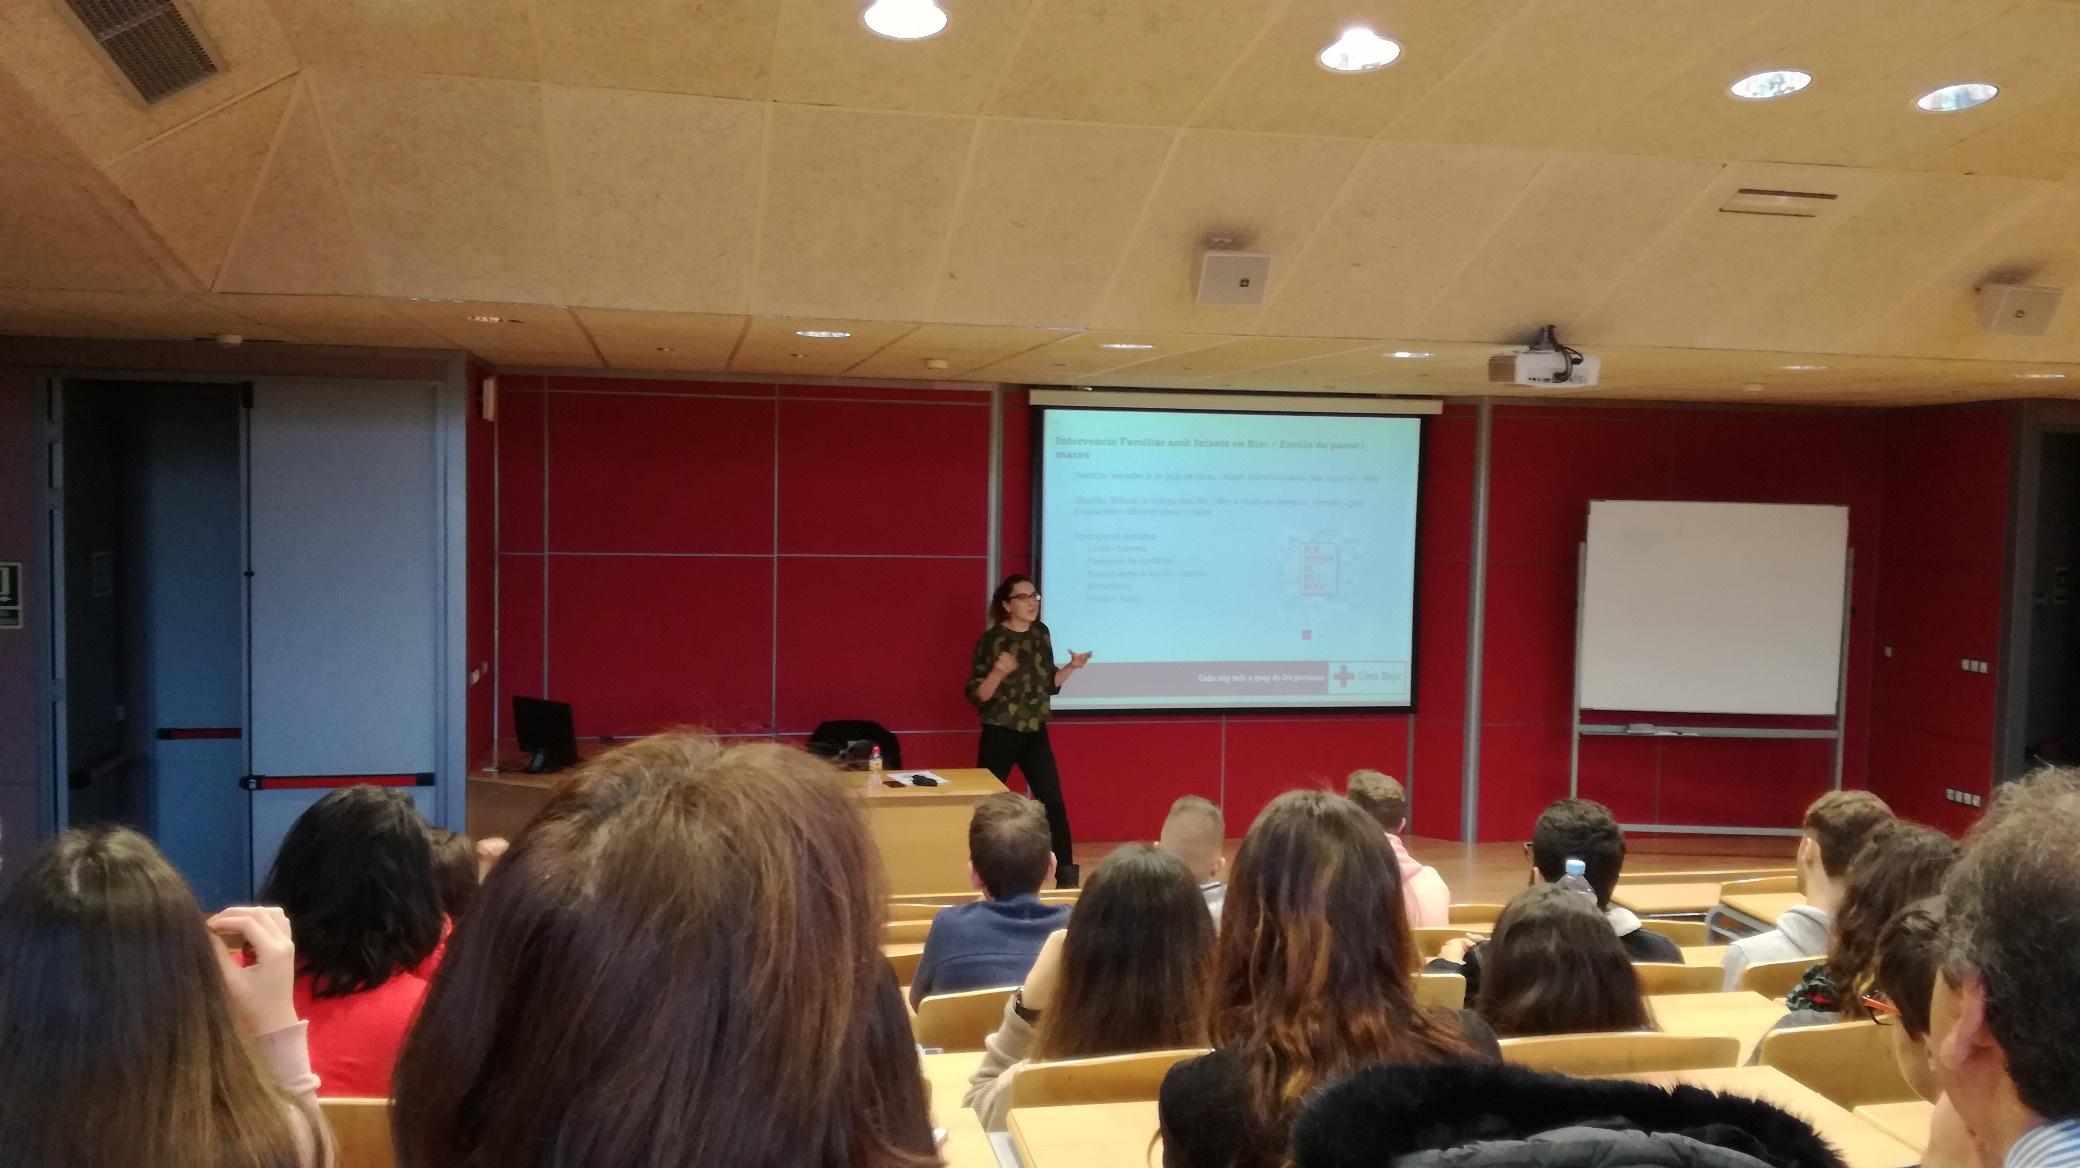 Representants de l'Assemblea Provincial de la Creu Roja de Girona realitzen dues xerrades al Centre Garbí dirigides als alumnes dels cicles de Dietètica i de TES